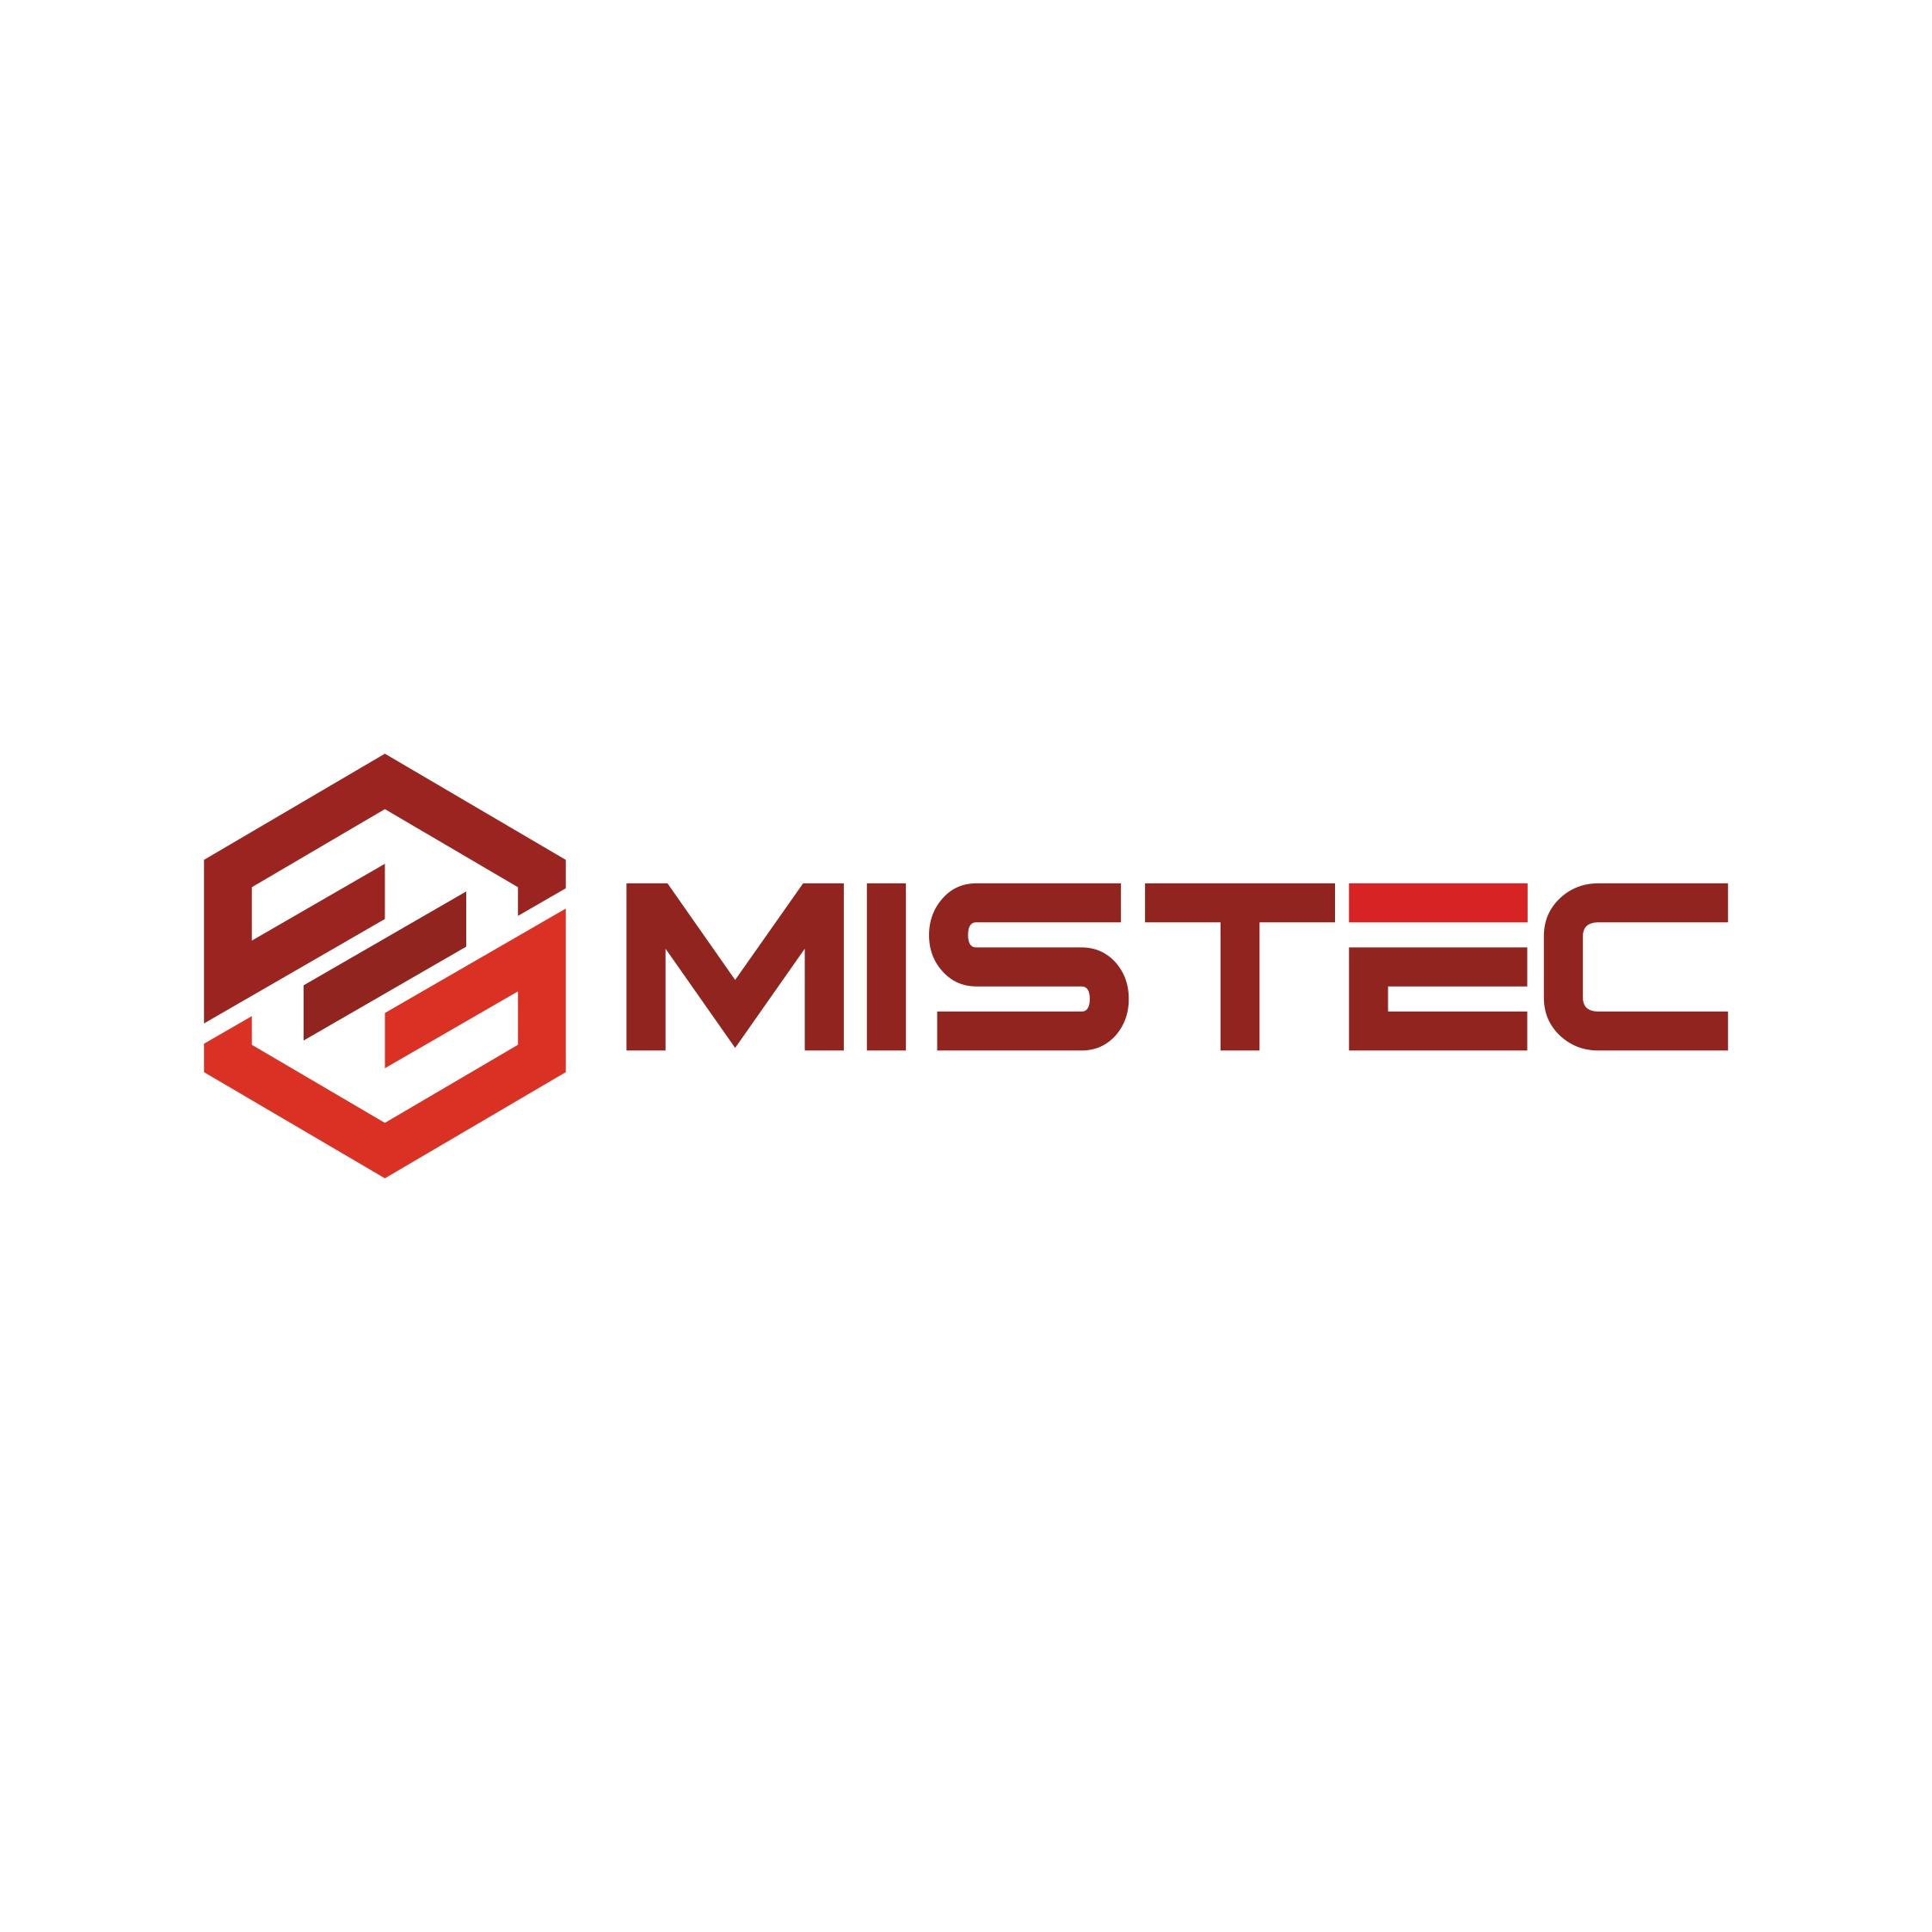 mistec